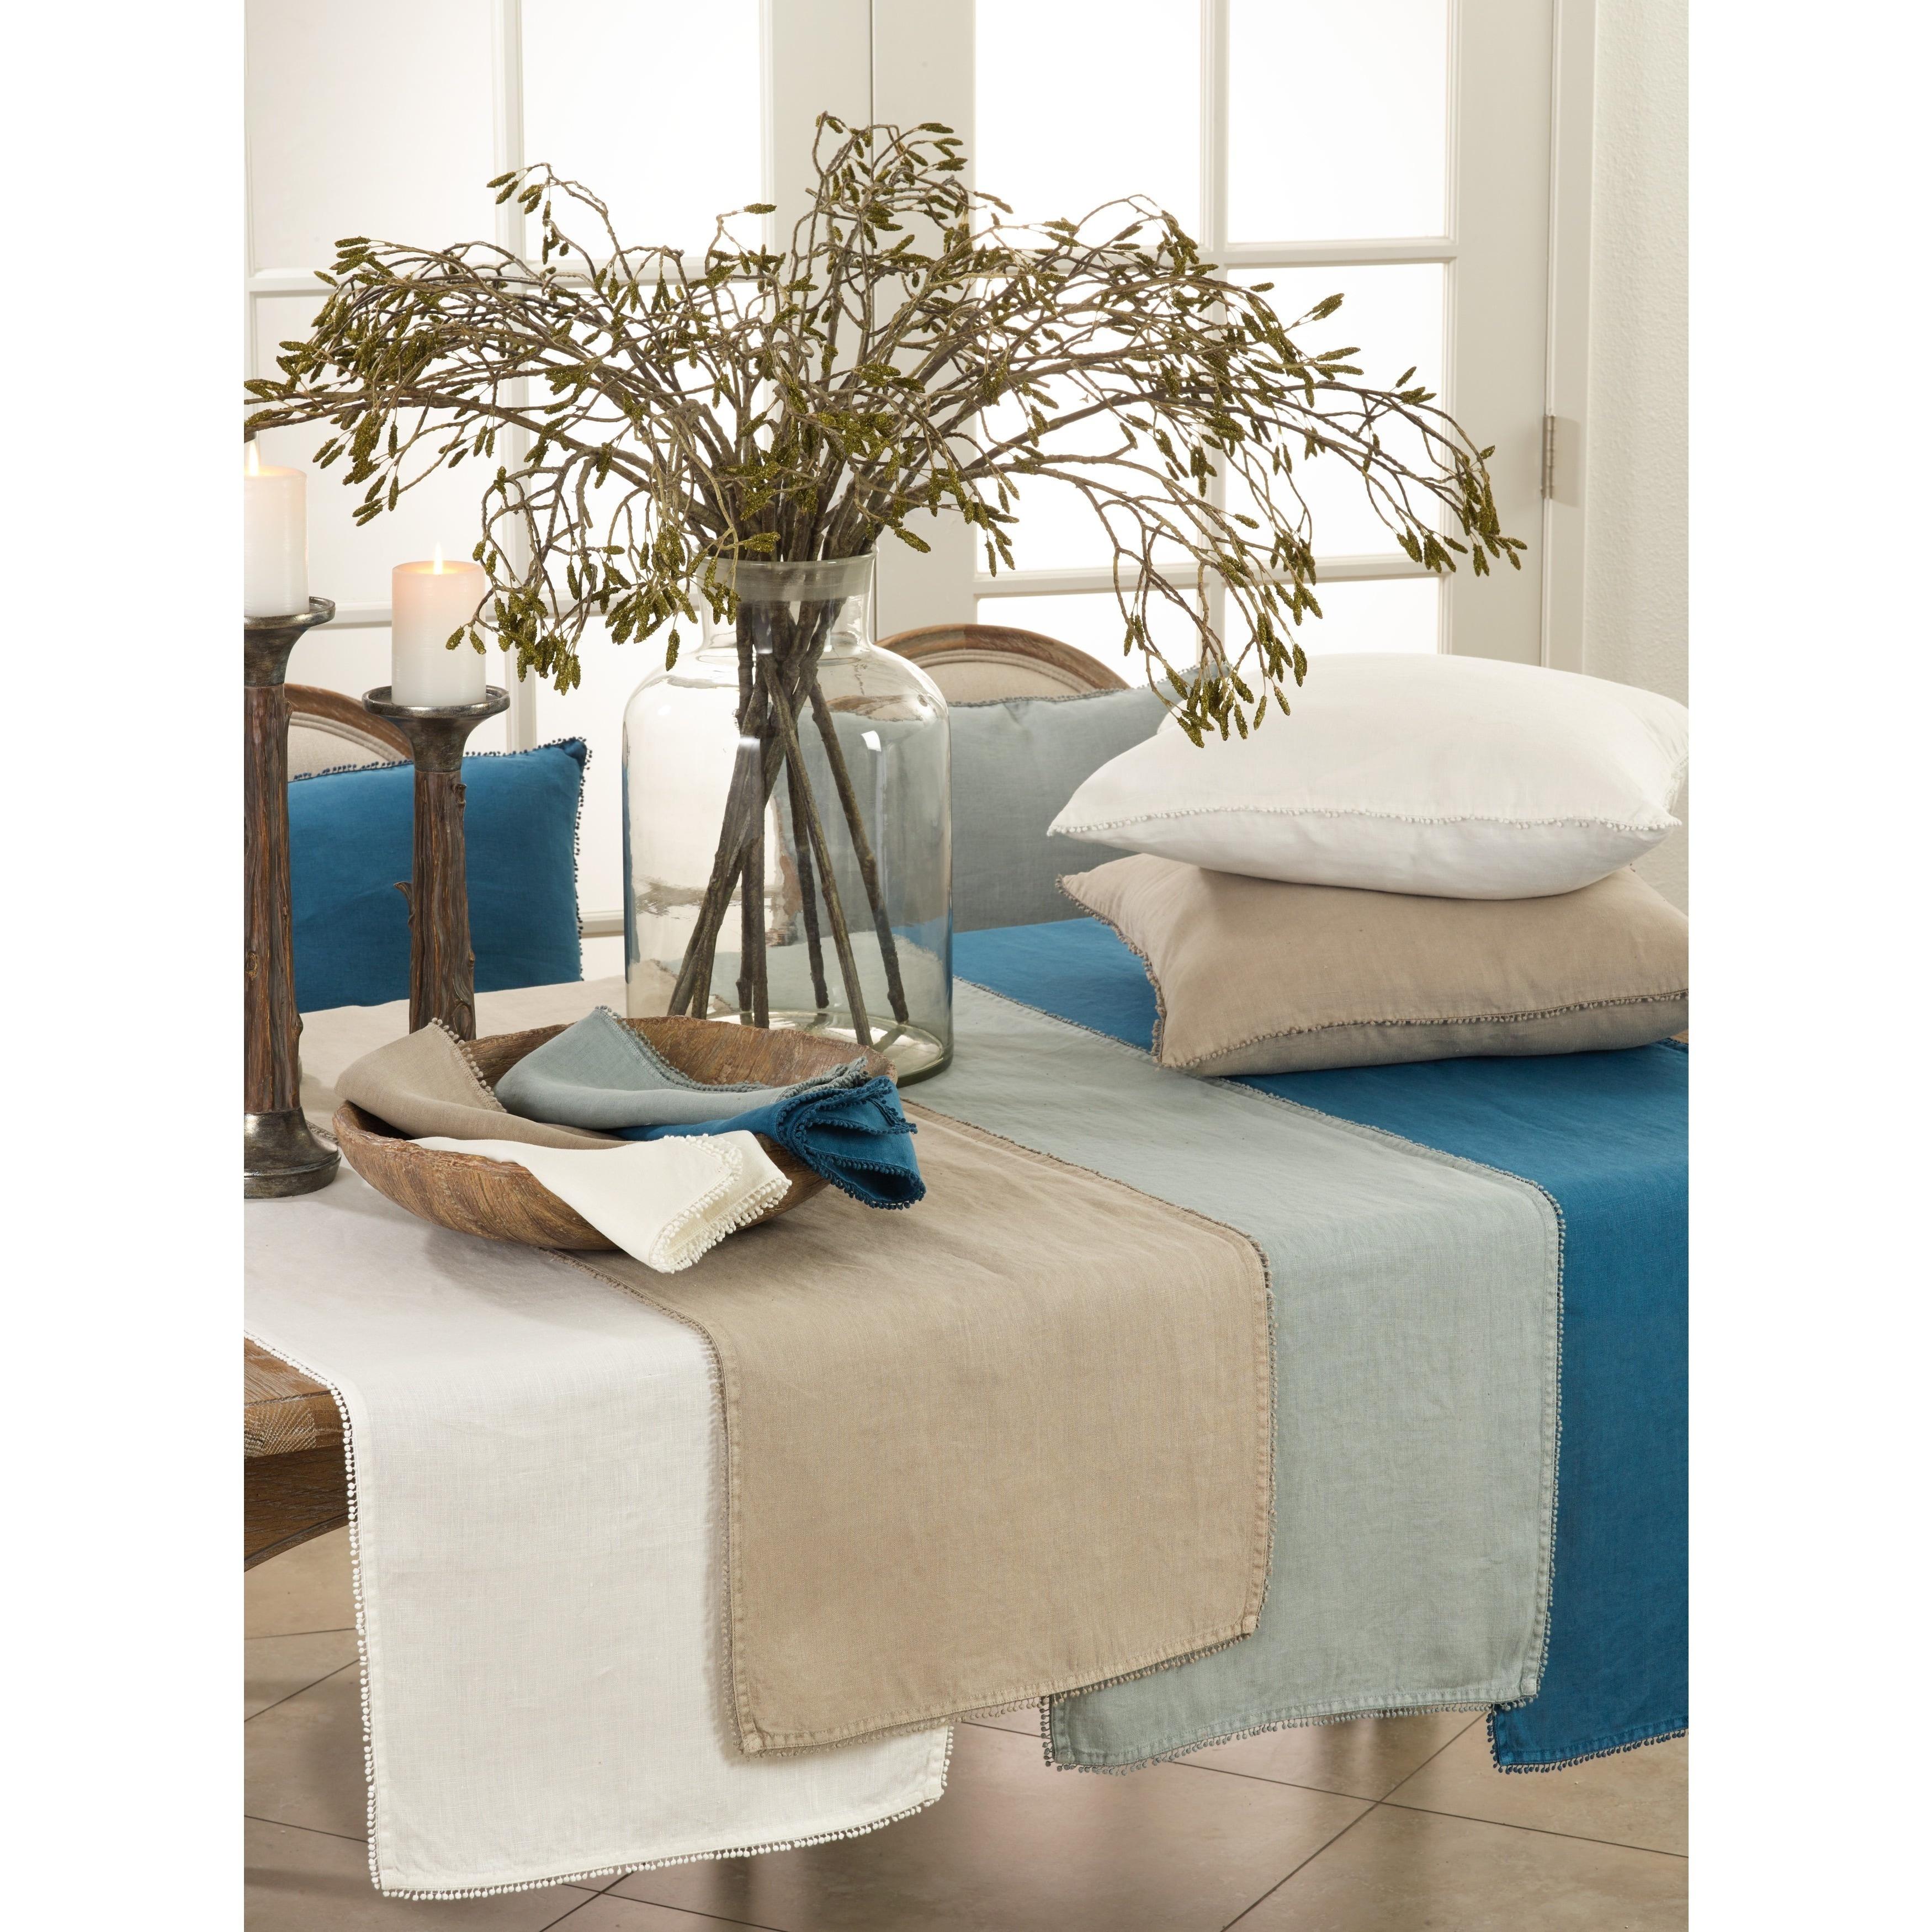 Details about Pompom Design Linen Dining Room Table Runner